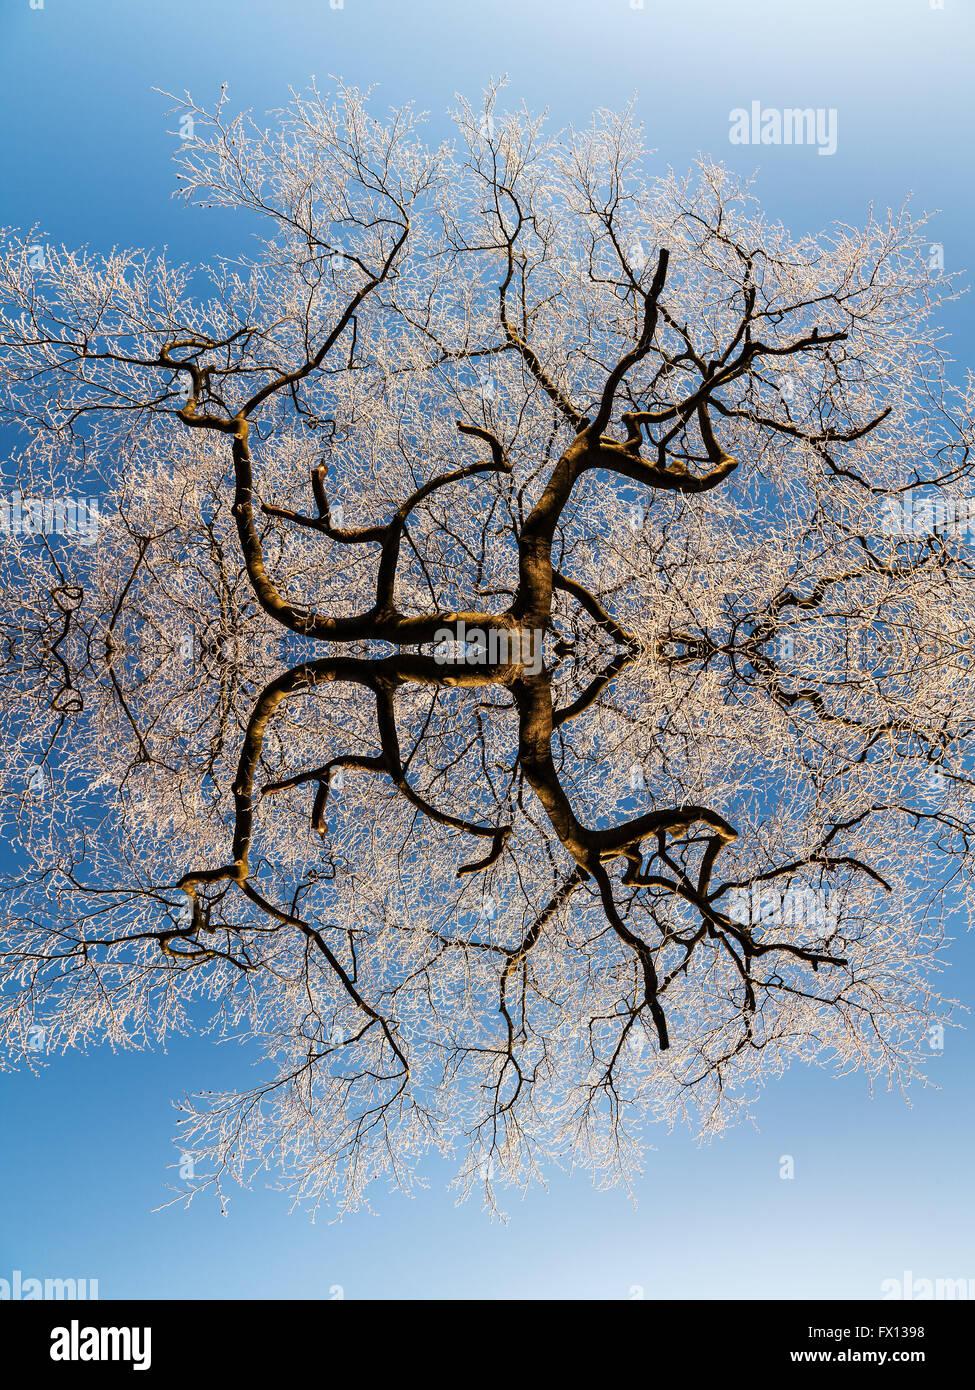 Un albero nudo coperto di brina, riflessa nella post-produzione per un effetto surreale Immagini Stock